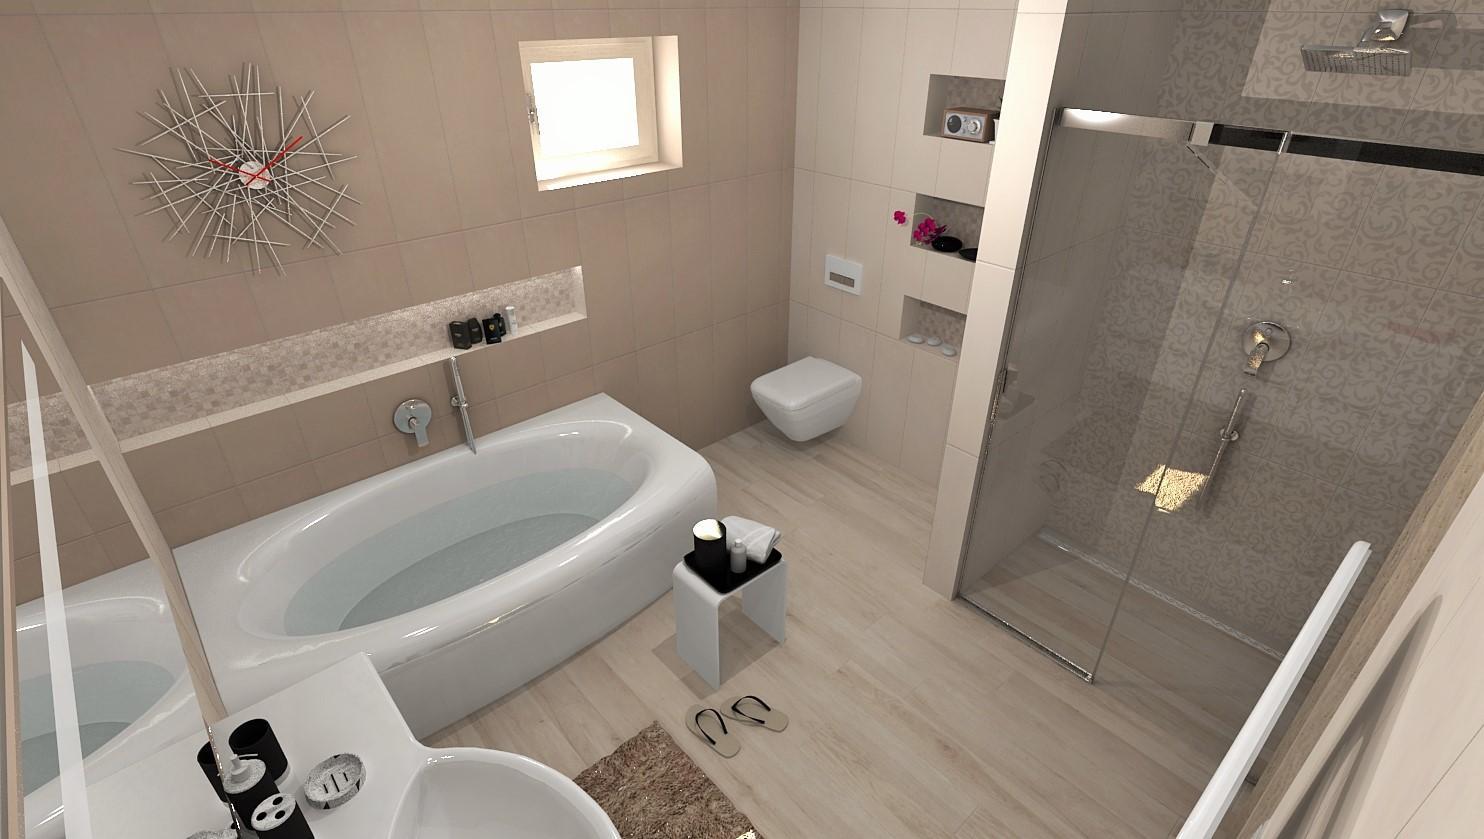 Vizualizácie kúpeľne - Vizualizácia kúpeľne IVORY RAMAGE / TOFFEE 25x75